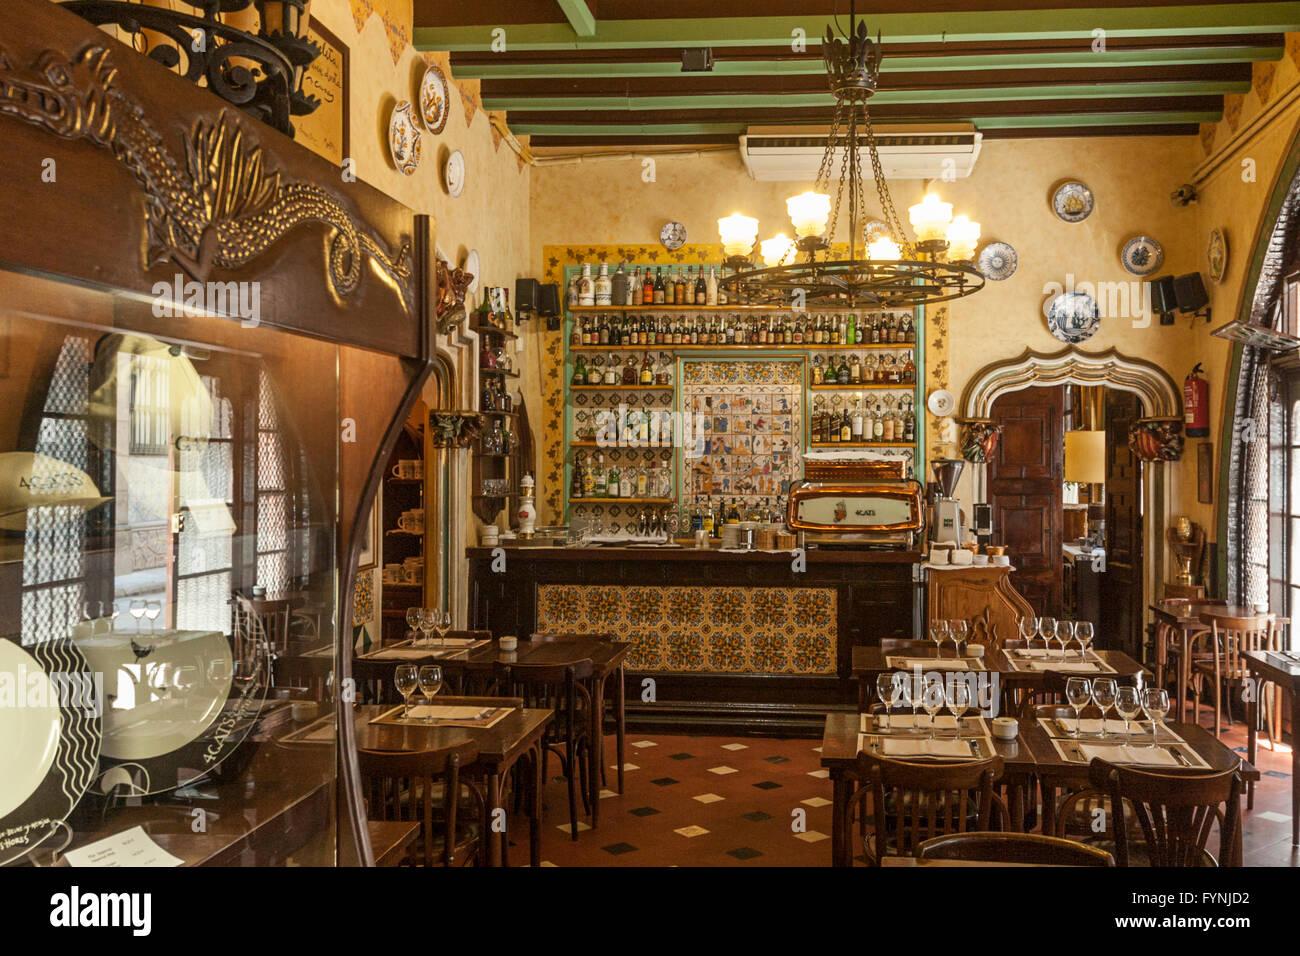 El Quatre Gats alten Bodega Interieur, Barri Gotic, Barcelona Stockbild